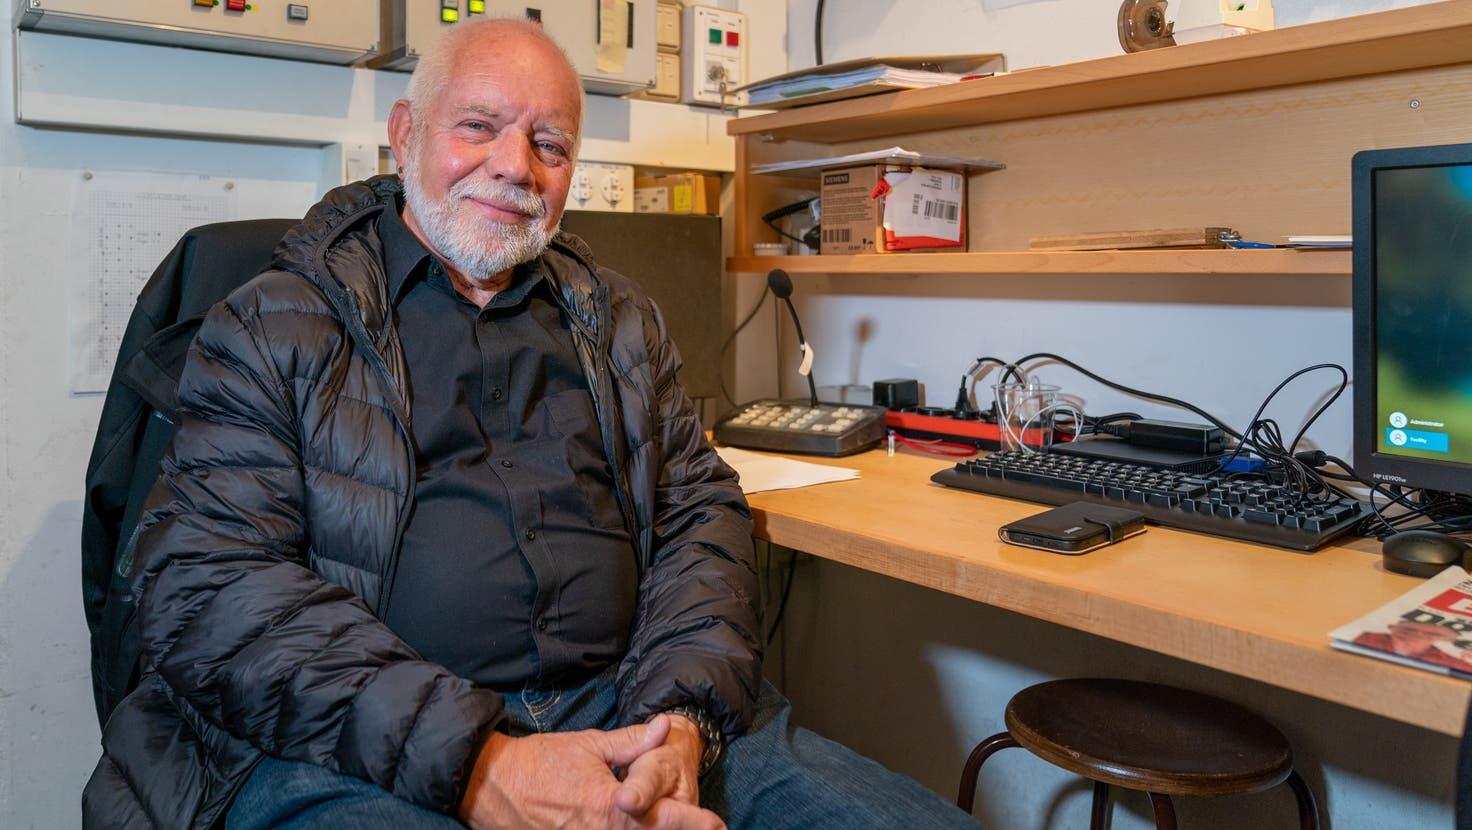 Hallenbetreuer Rolf Baumann vor dem Büro in der Halle. (Bild: Raphael Rohner)